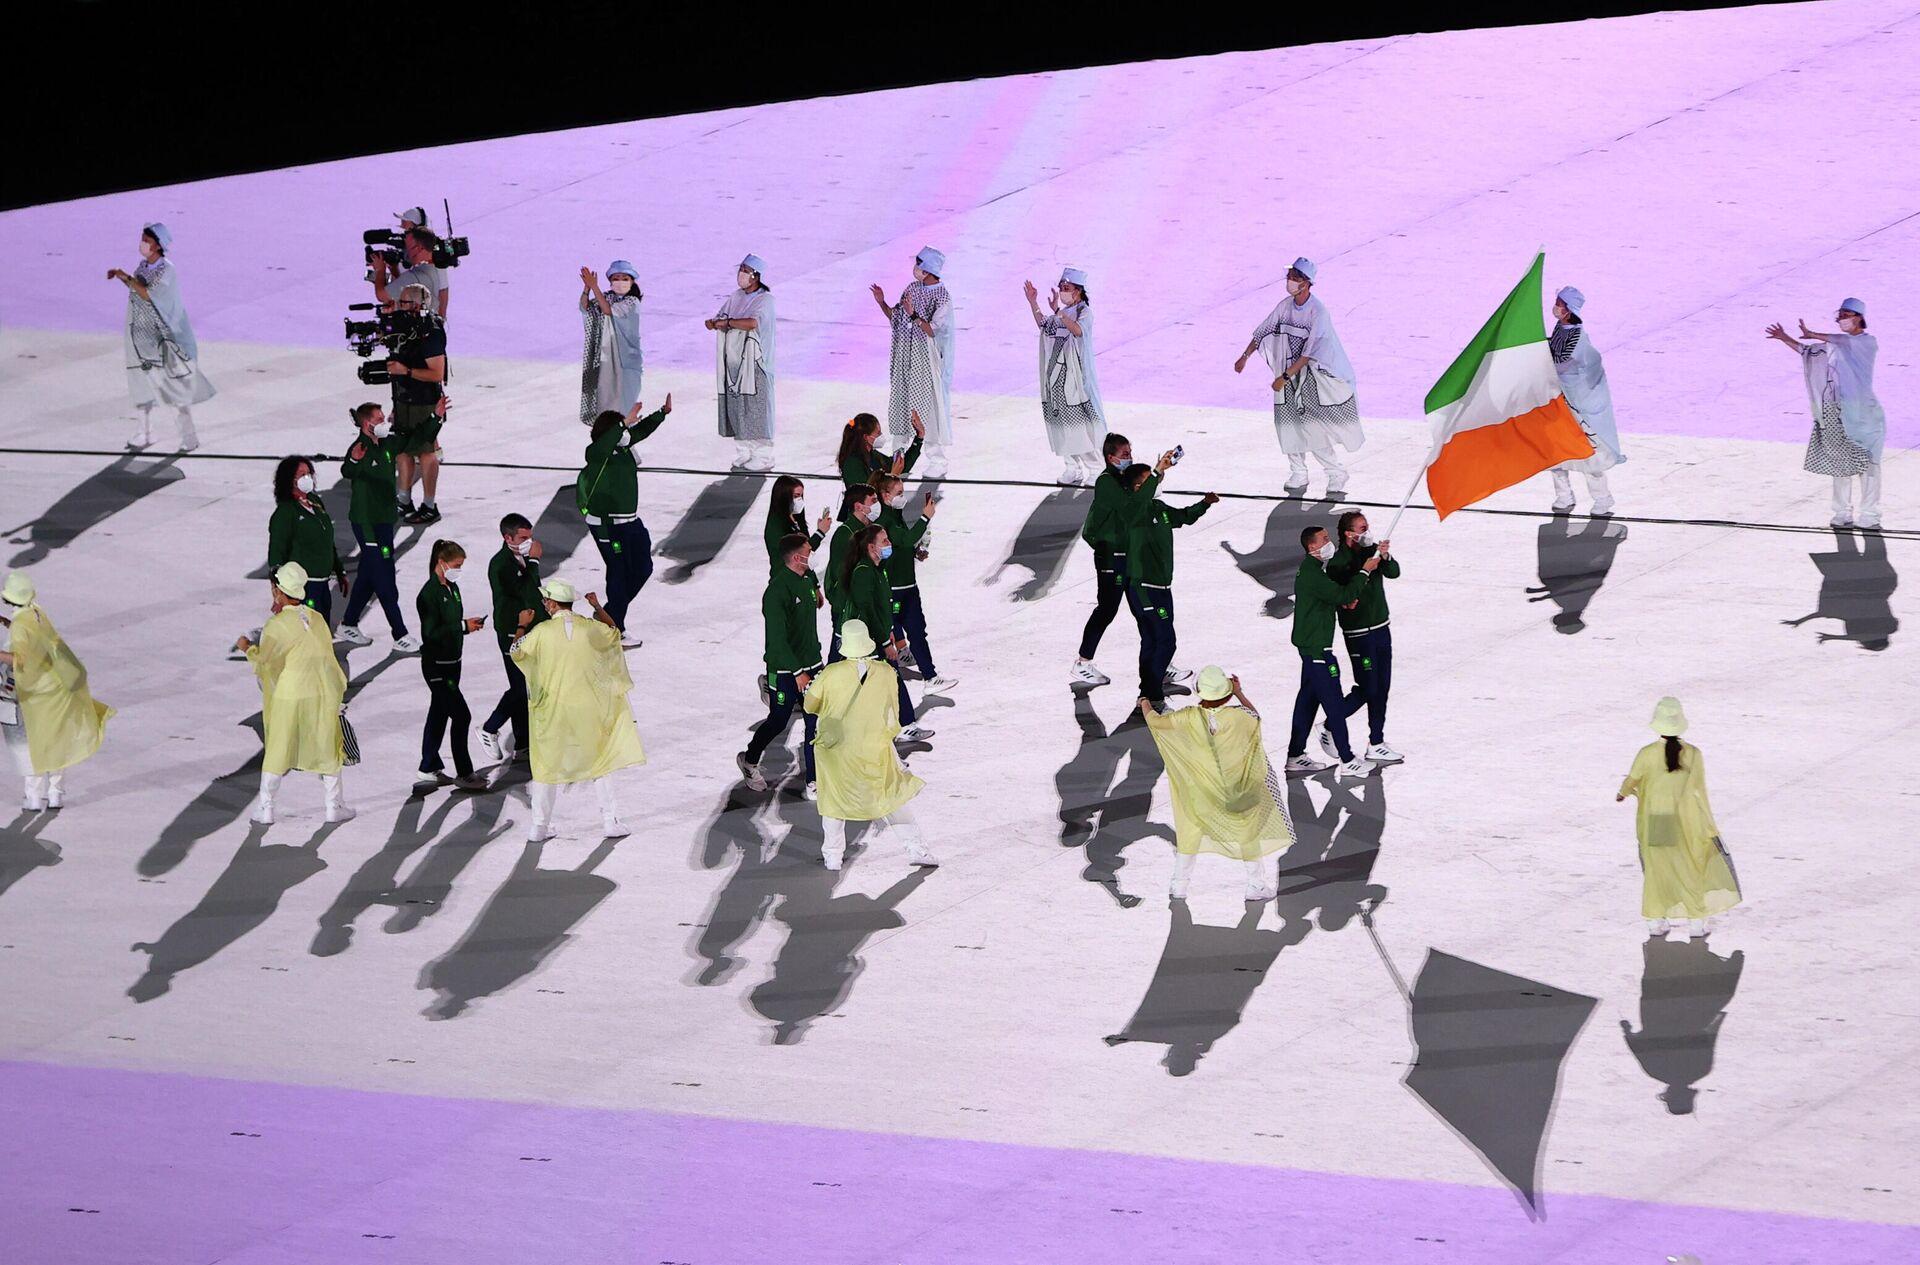 Делегация Ирландии на церемонии открытия Олимпиады - Sputnik Беларусь, 1920, 23.07.2021